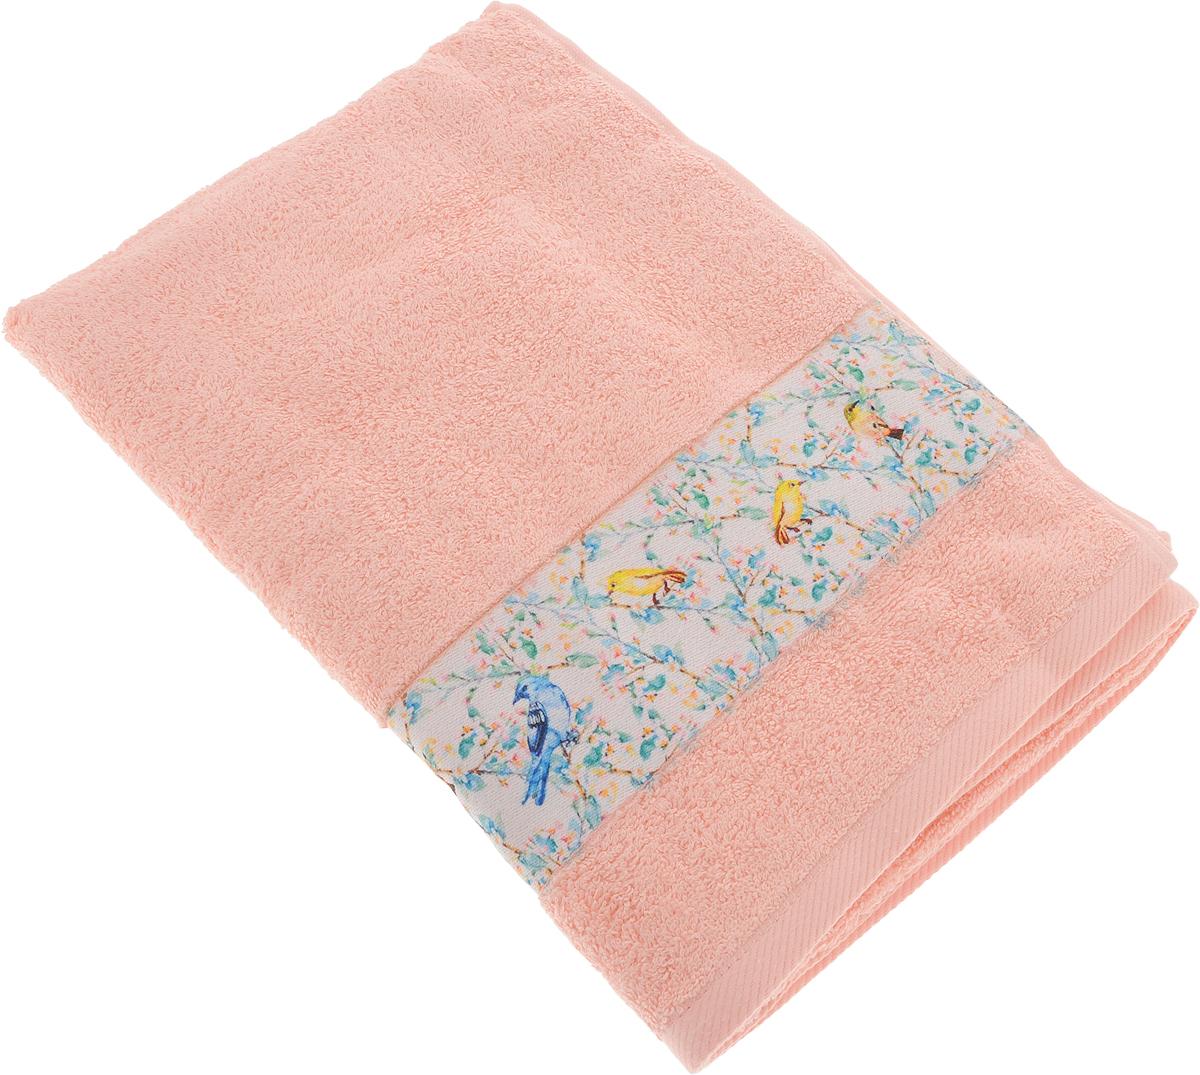 Полотенце Aquarelle Фотобордюр. Цветы 5, цвет: розово-персиковый, 70 х 140 см712567Махровое полотенце Aquarelle Фотобордюр. Цветы 5 изготовлено из натурального 100% хлопка. Это мягкое и нежное полотенце добавит ярких красок и позитивного настроя в каждый день.Изделие отлично впитывает влагу, быстро сохнет, сохраняет яркость цвета даже после многократных стирок.